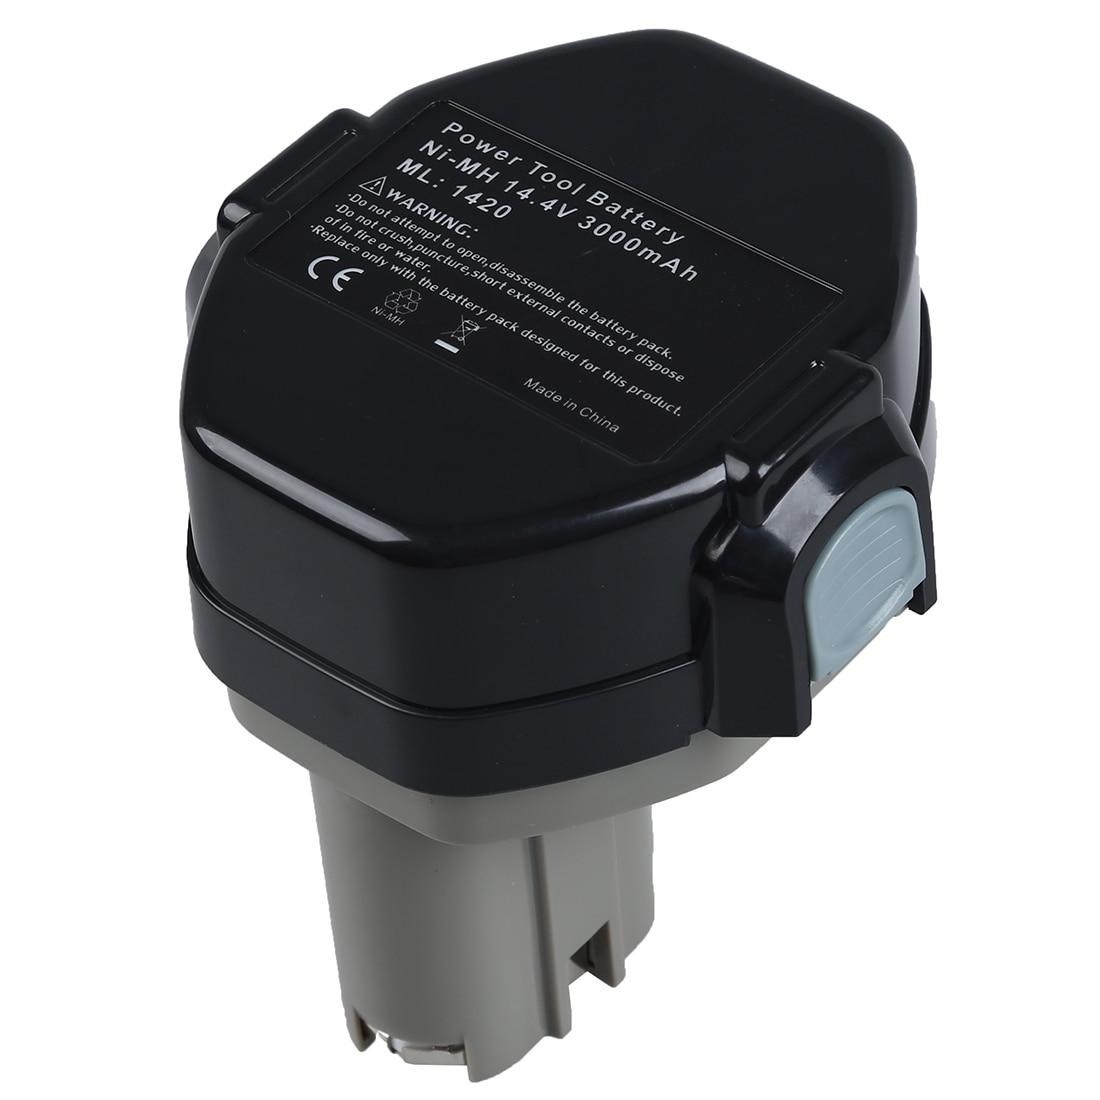 14 4 V Battery For MAKITA 1433 1434 Makita 6233D 4033D 6333D 6336D 6337D 8433D black